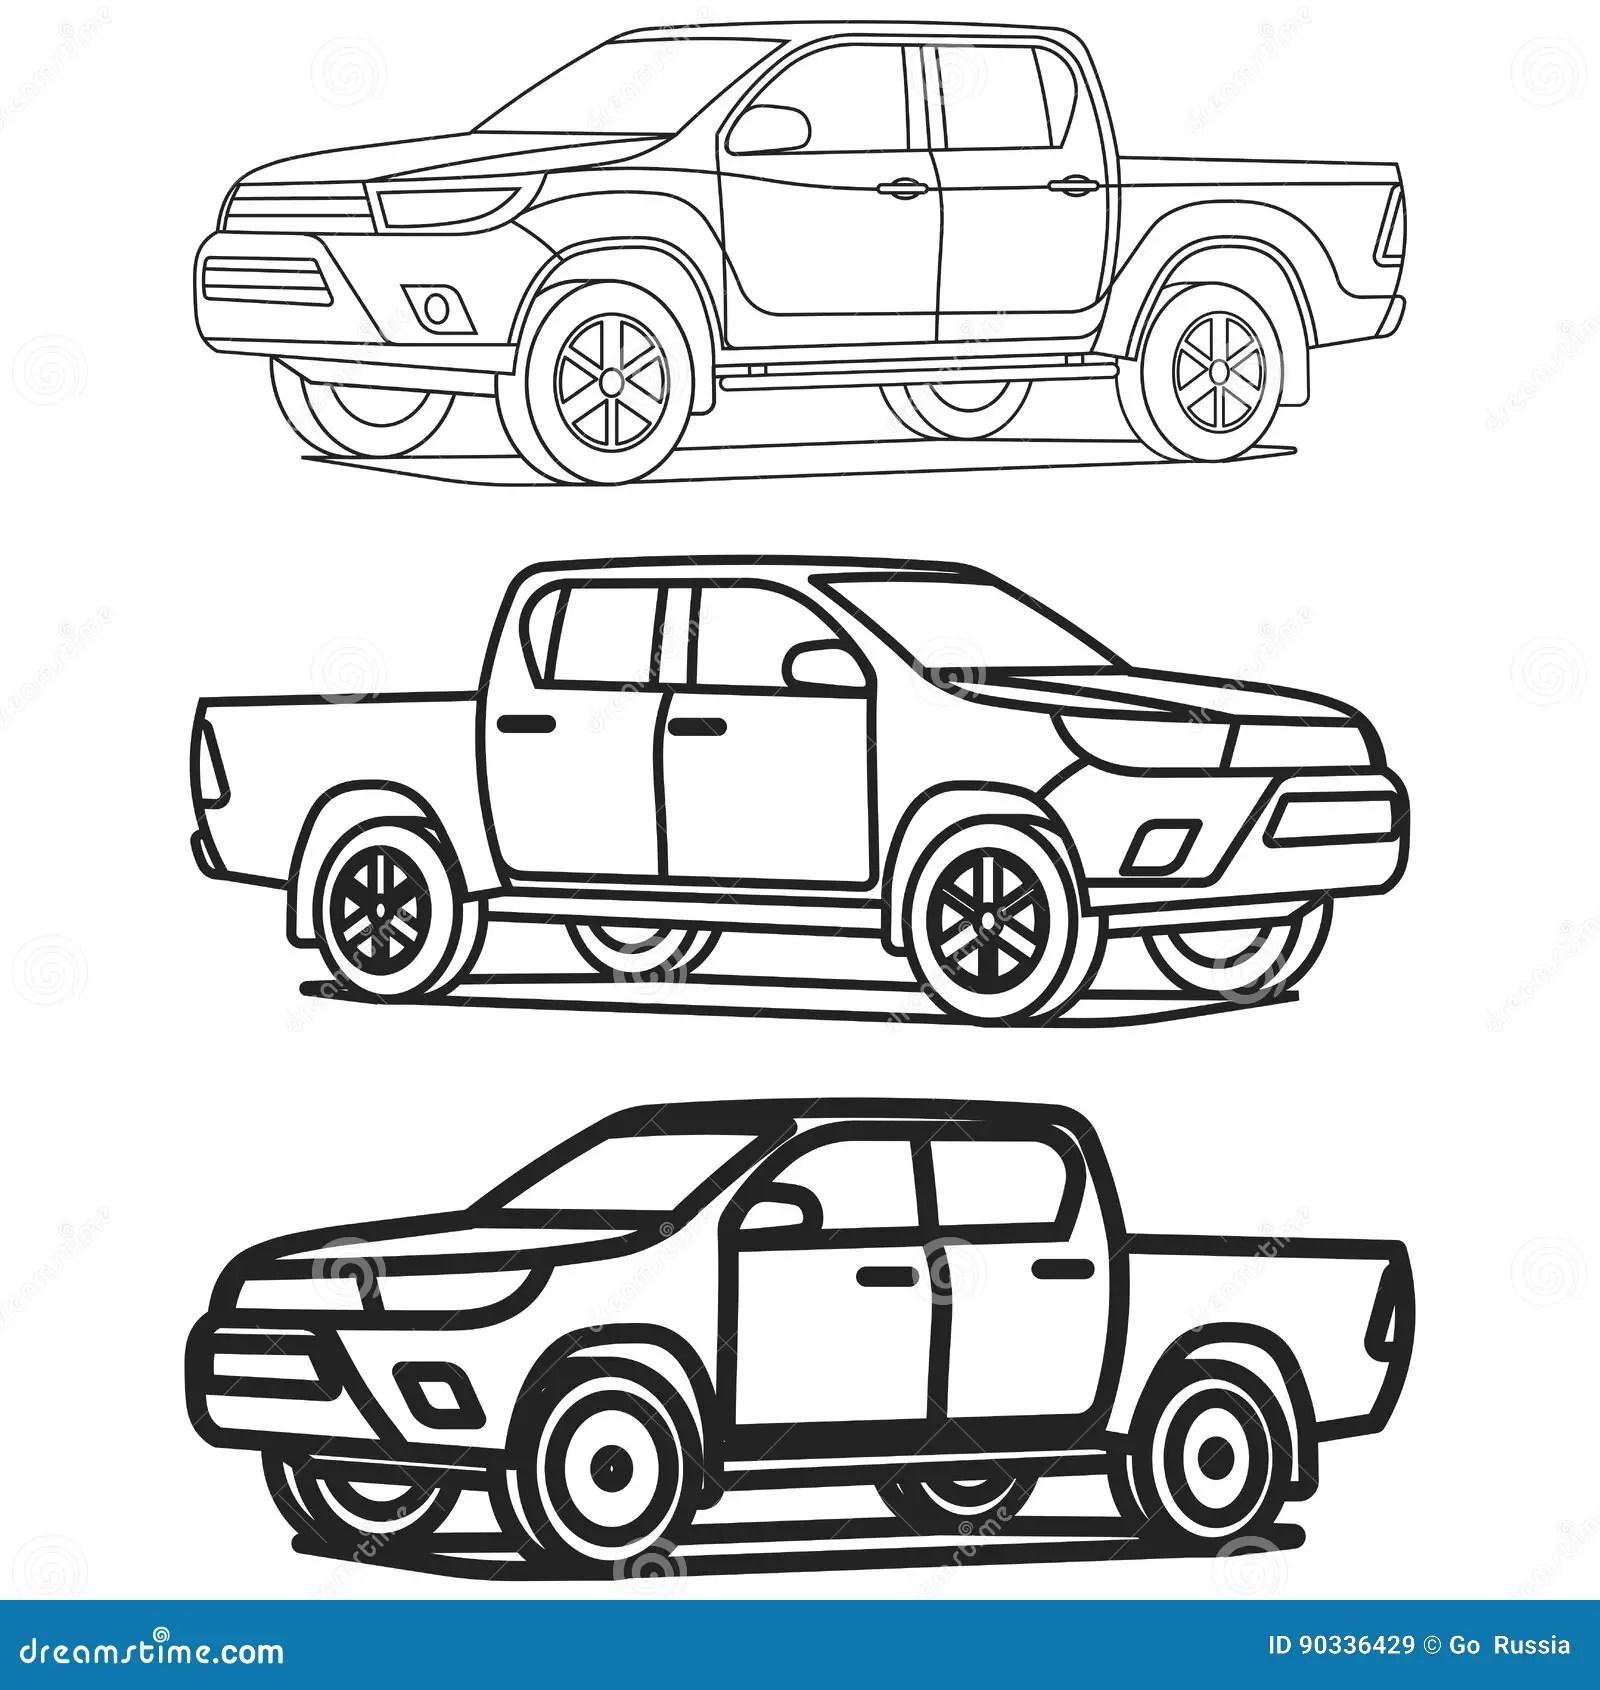 Le Contour De Camion Pick Up A Place Sur L Illustration